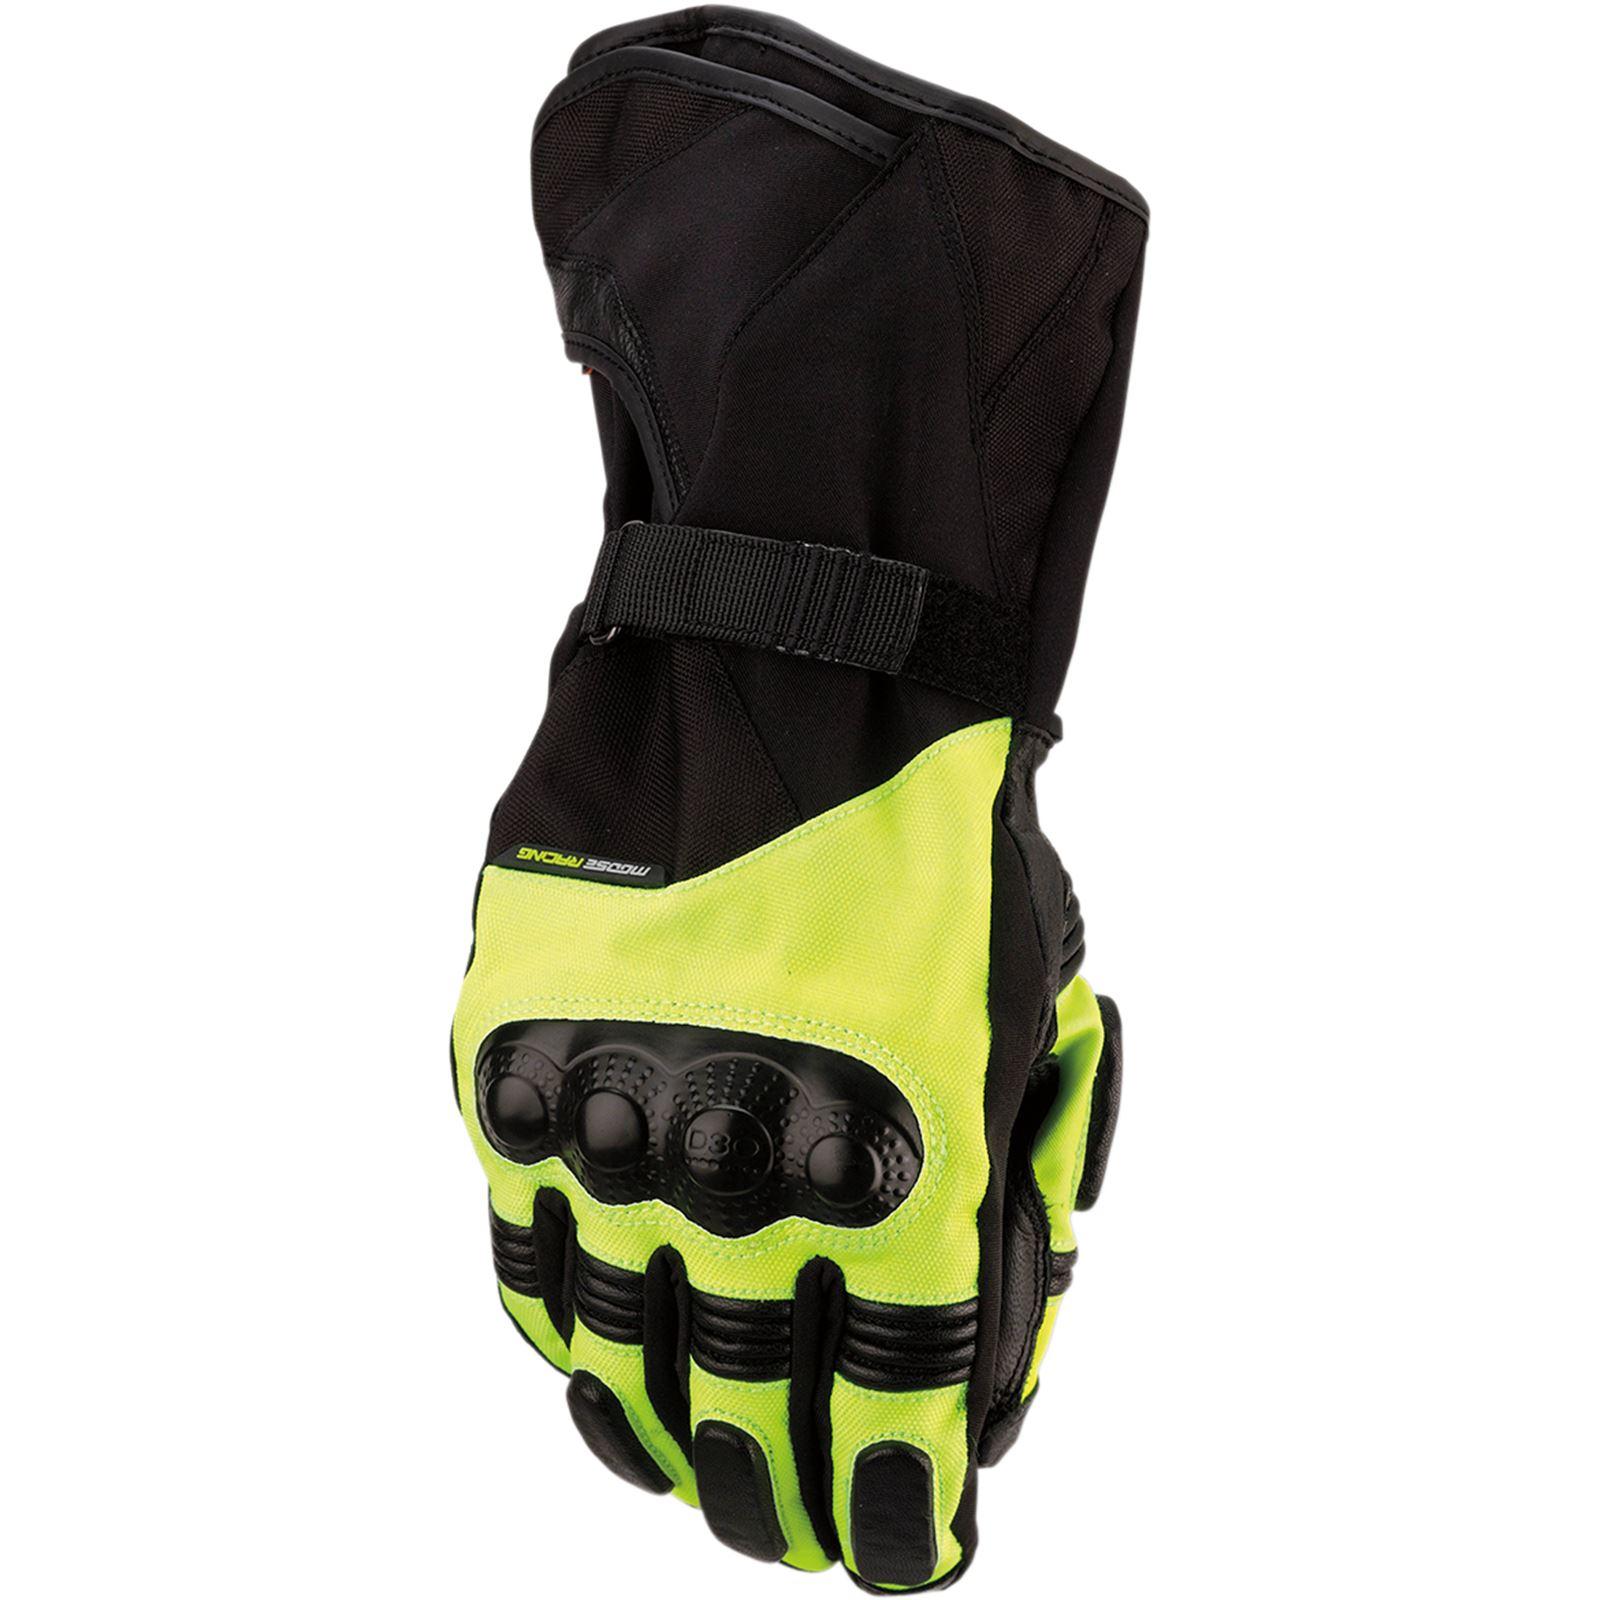 Moose Racing ADV1™ Long Gloves - Black/Hi-Viz - 3X-Large